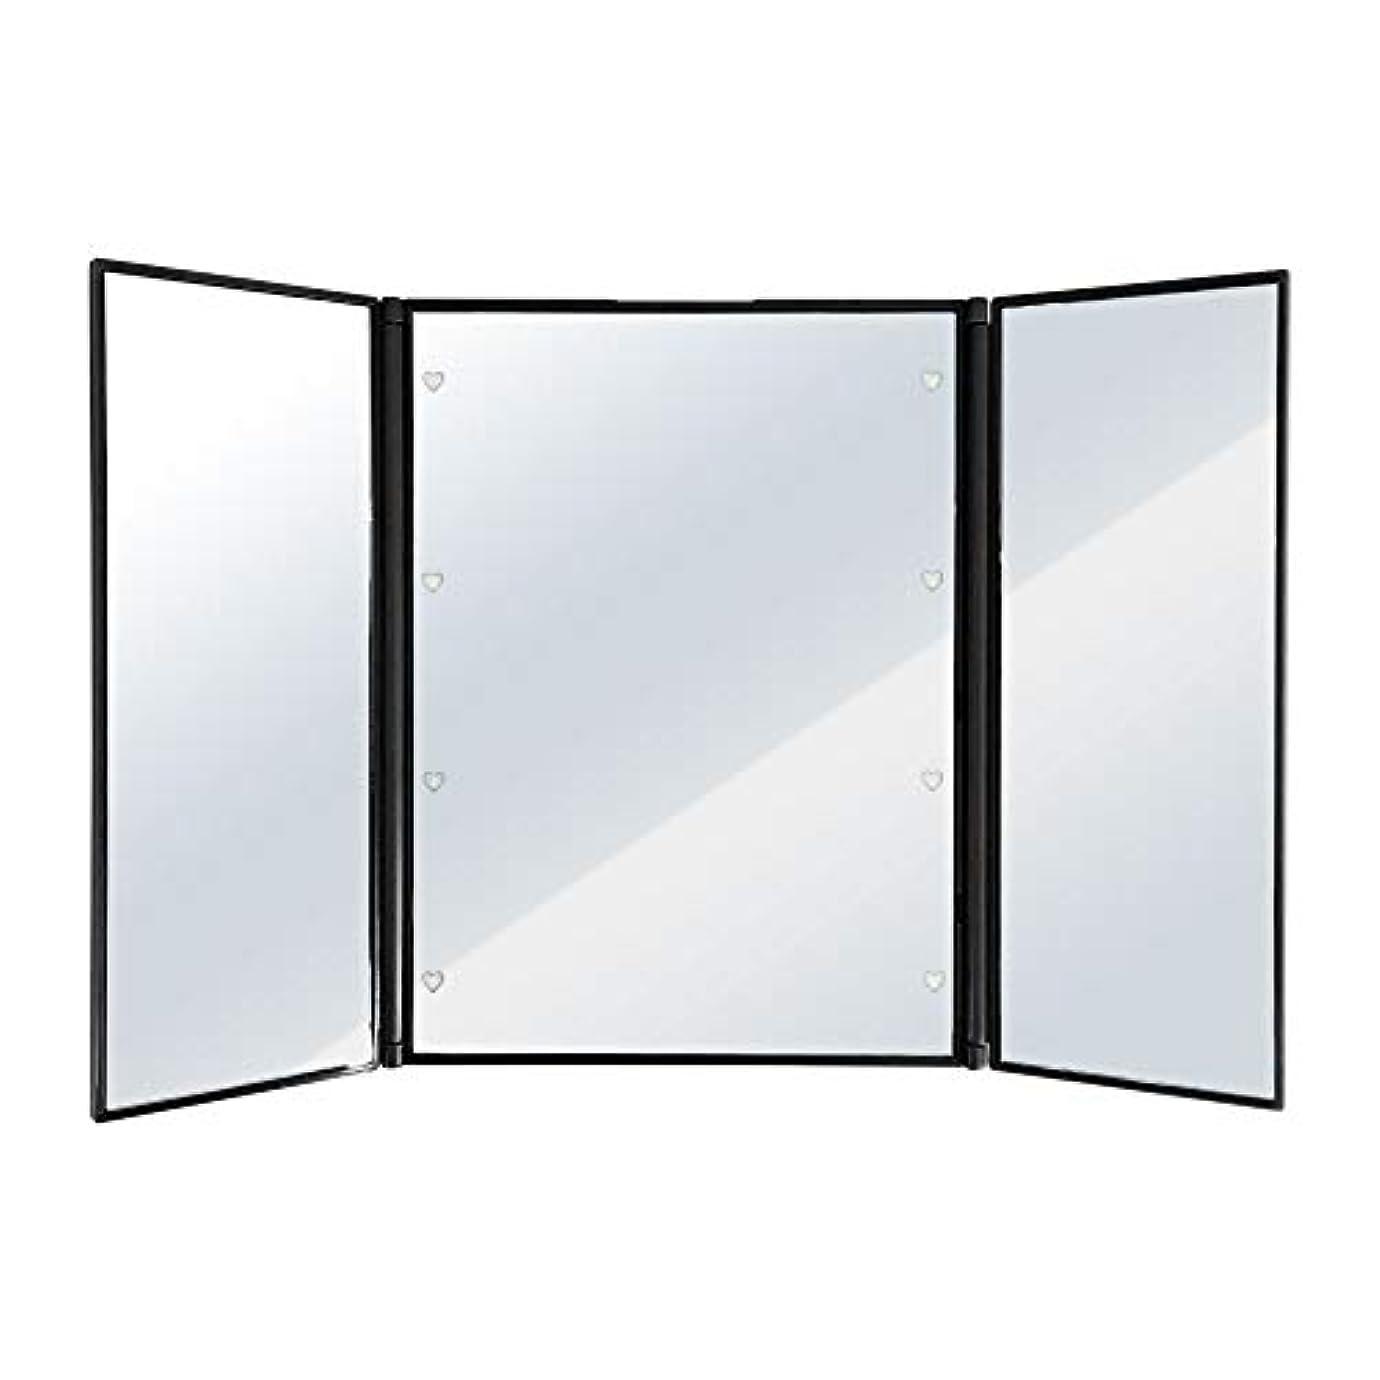 とまり木メイド行商人SUGGEST 卓上ミラー LEDライト付 【選べるカラー】 化粧鏡 三面鏡 ビューティーミラー (ブラック)